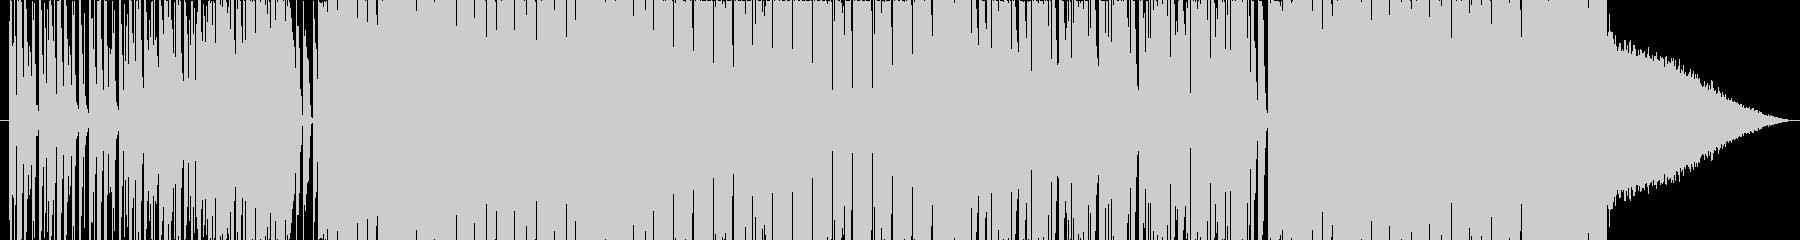 ビートが効いた爽やかなBGMの未再生の波形